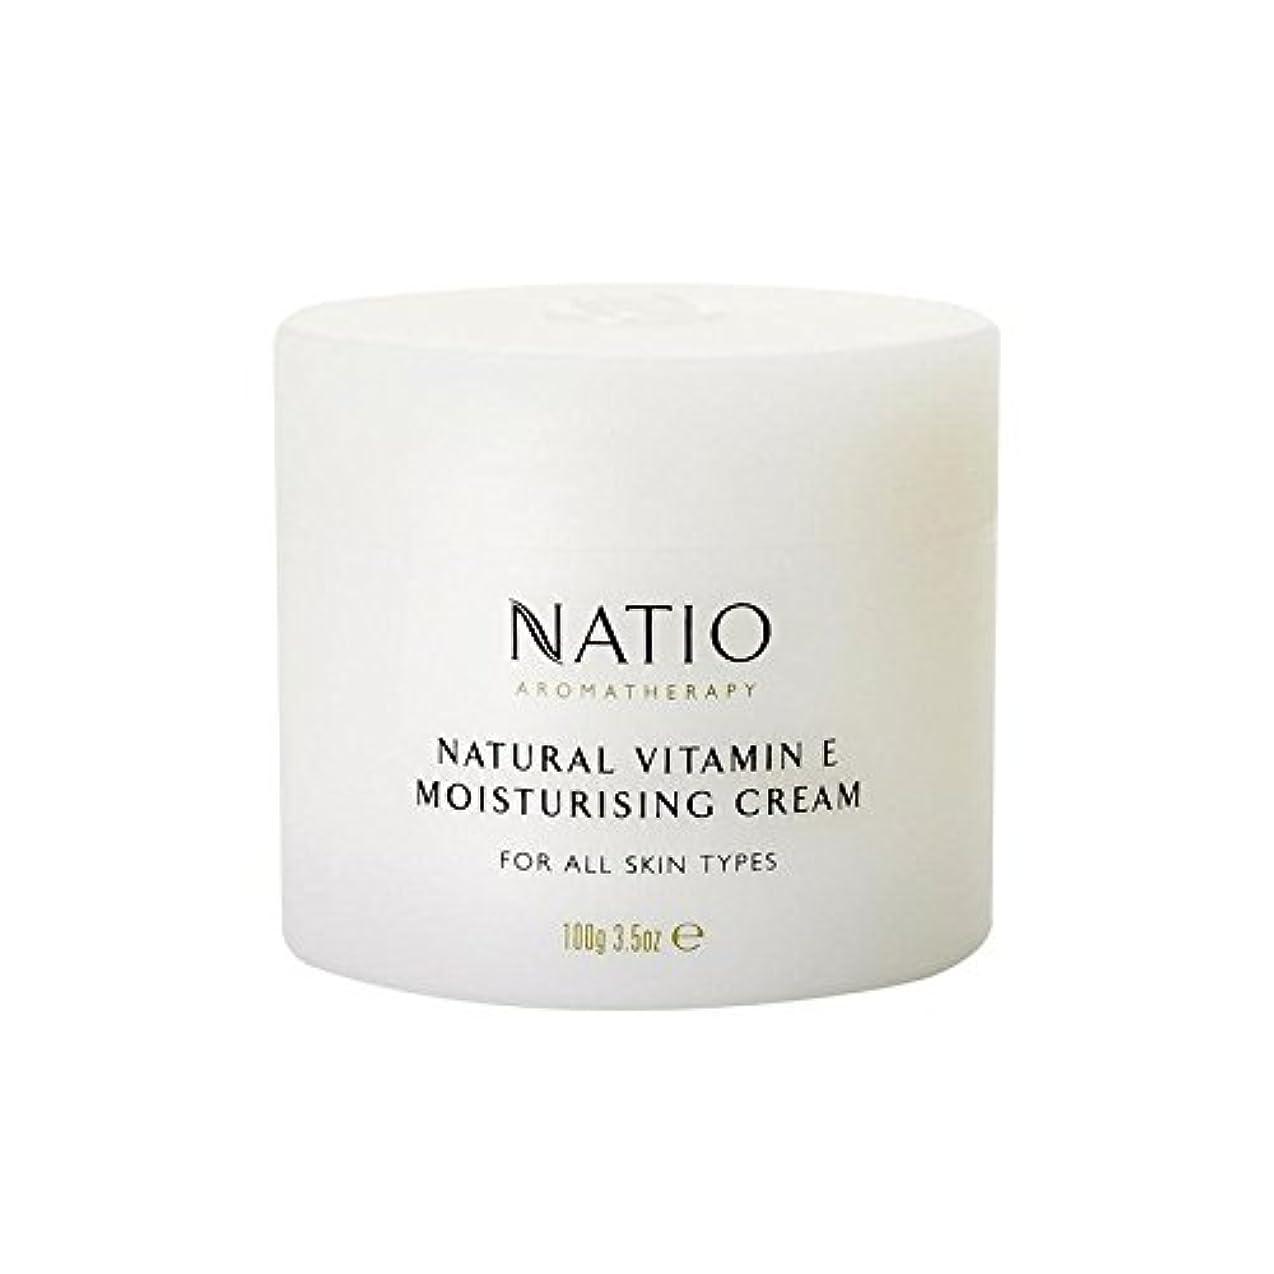 想定アルミニウム効能[Natio] Natio天然ビタミンEの保湿クリーム(100グラム) - Natio Natural Vitamin E Moisturising Cream (100G) [並行輸入品]